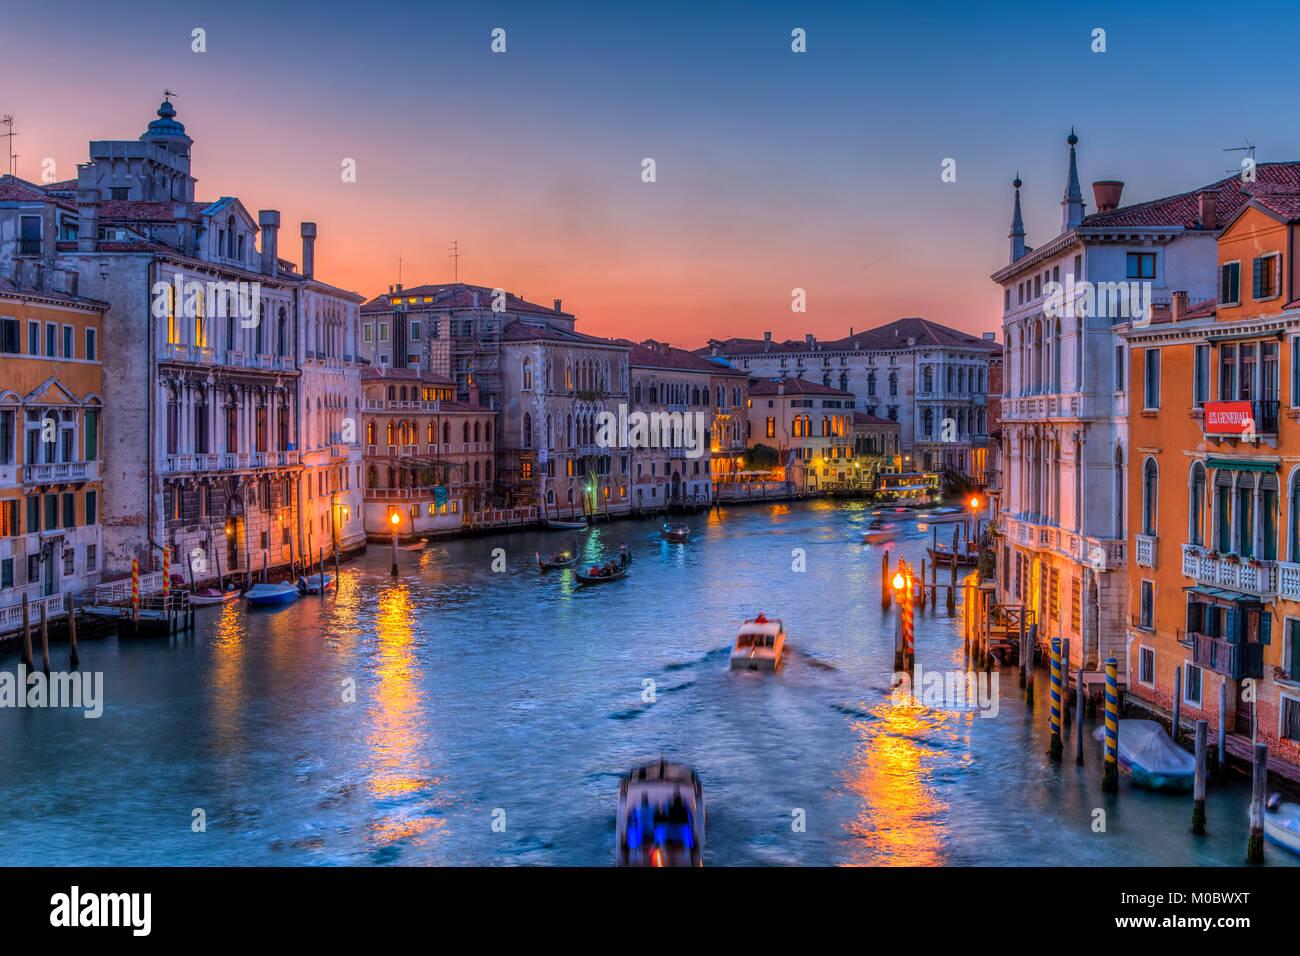 Une soirée sur le Grand Canal, Venise, Vénétie, Italie, Europe. Photo Stock